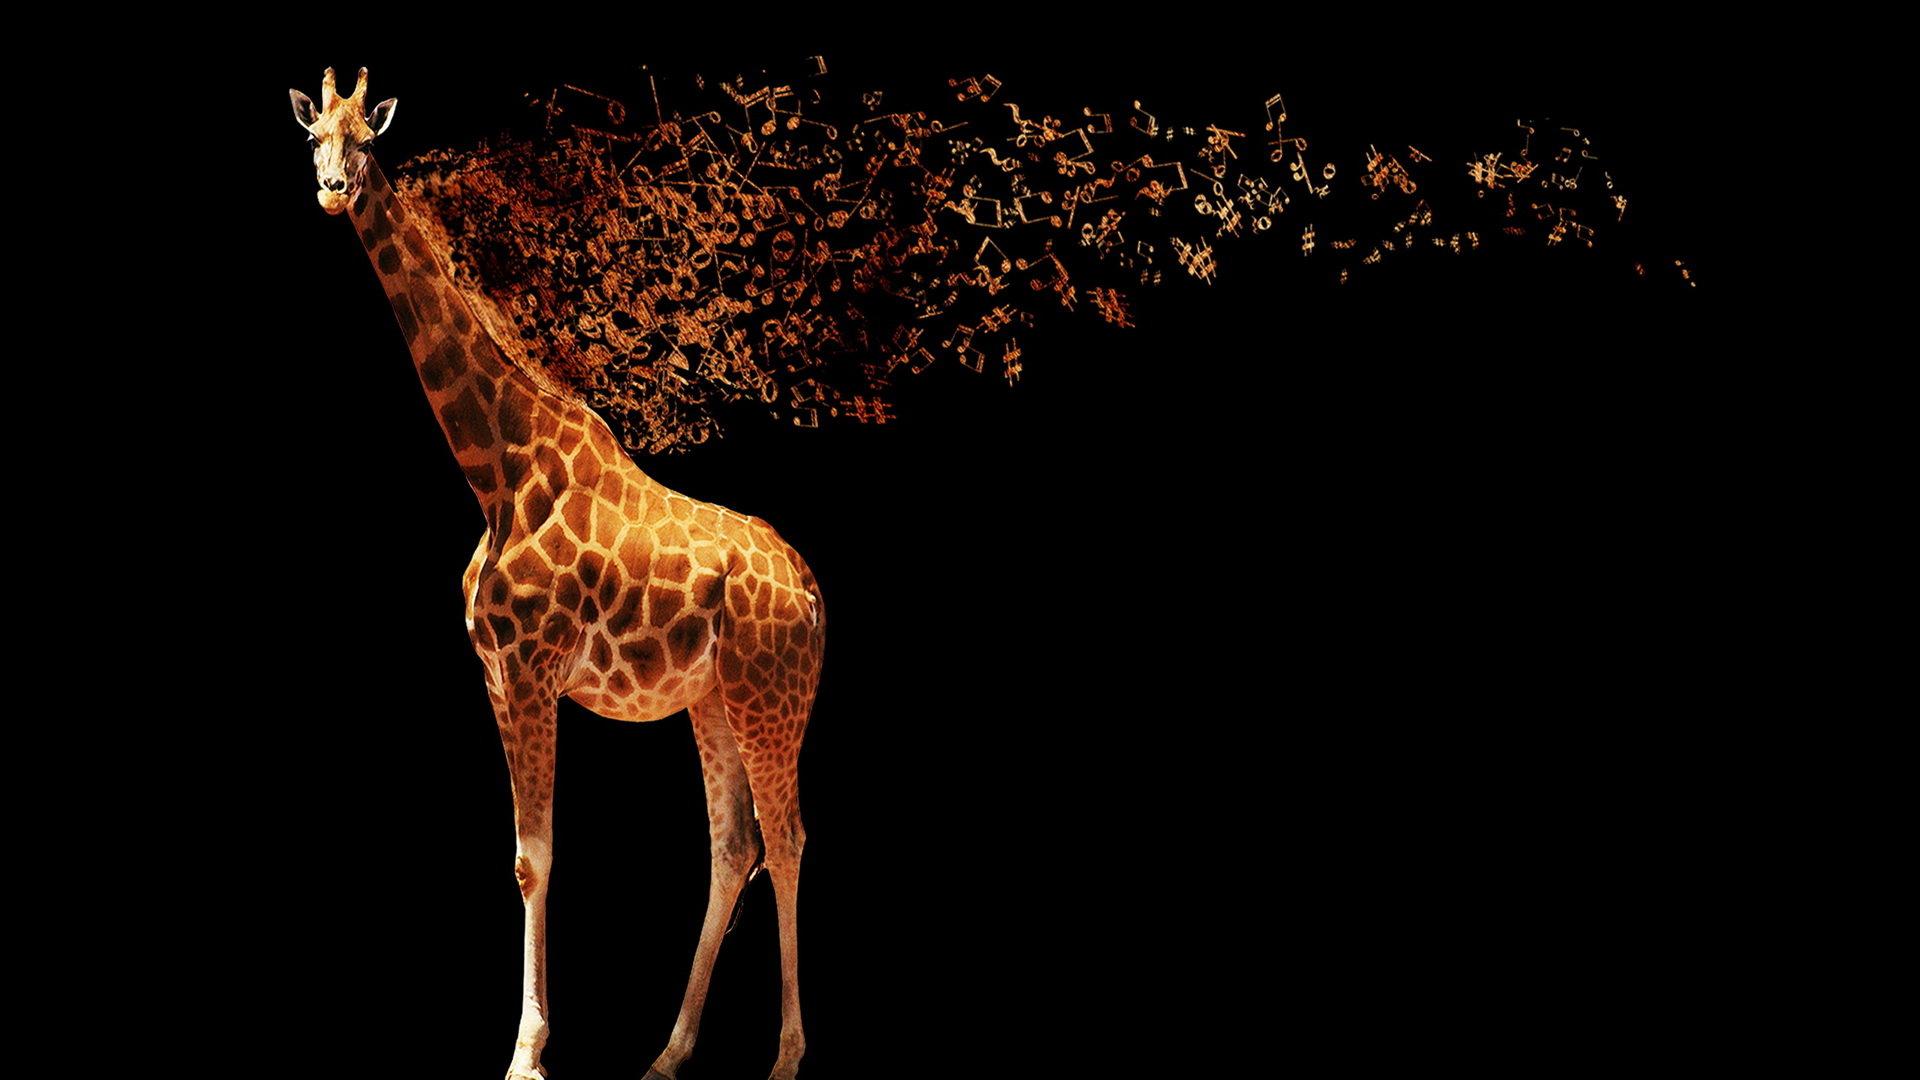 Fondos De Pantalla De Jirafas: Giraffe Wallpapers 1920x1080 Full HD (1080p) Desktop